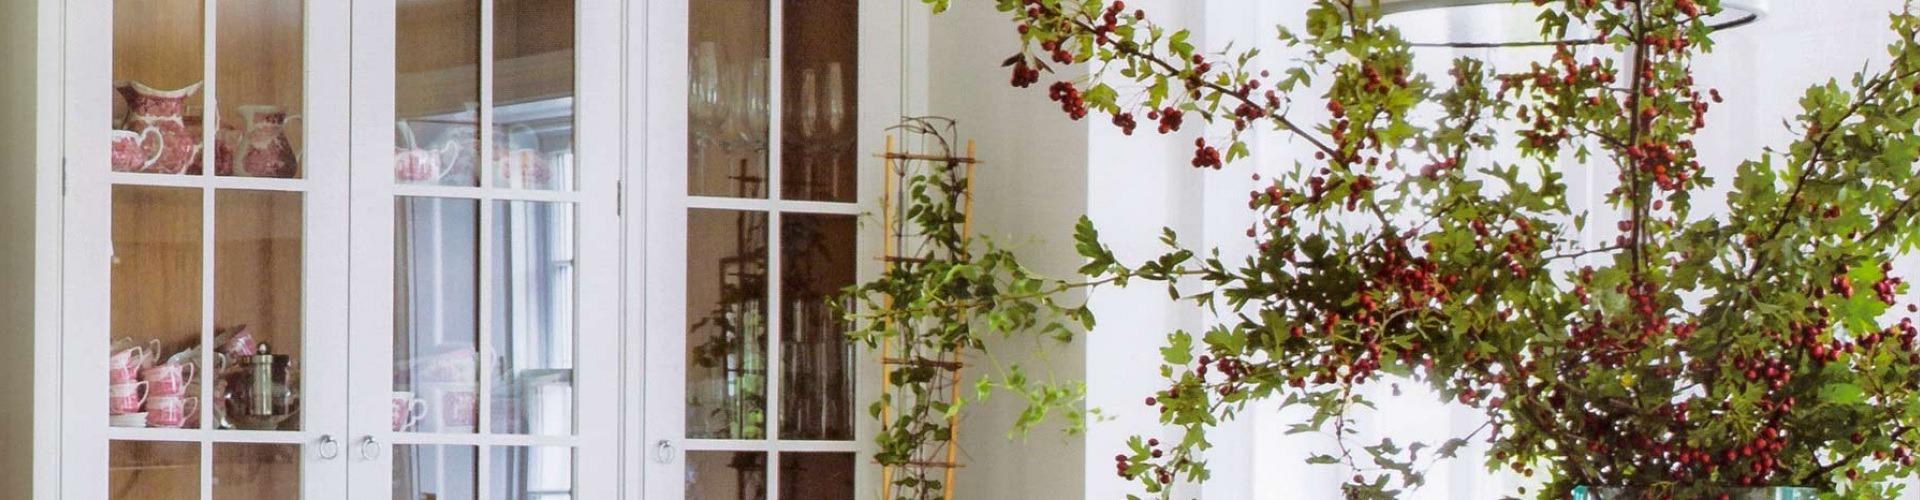 Rózsás házban